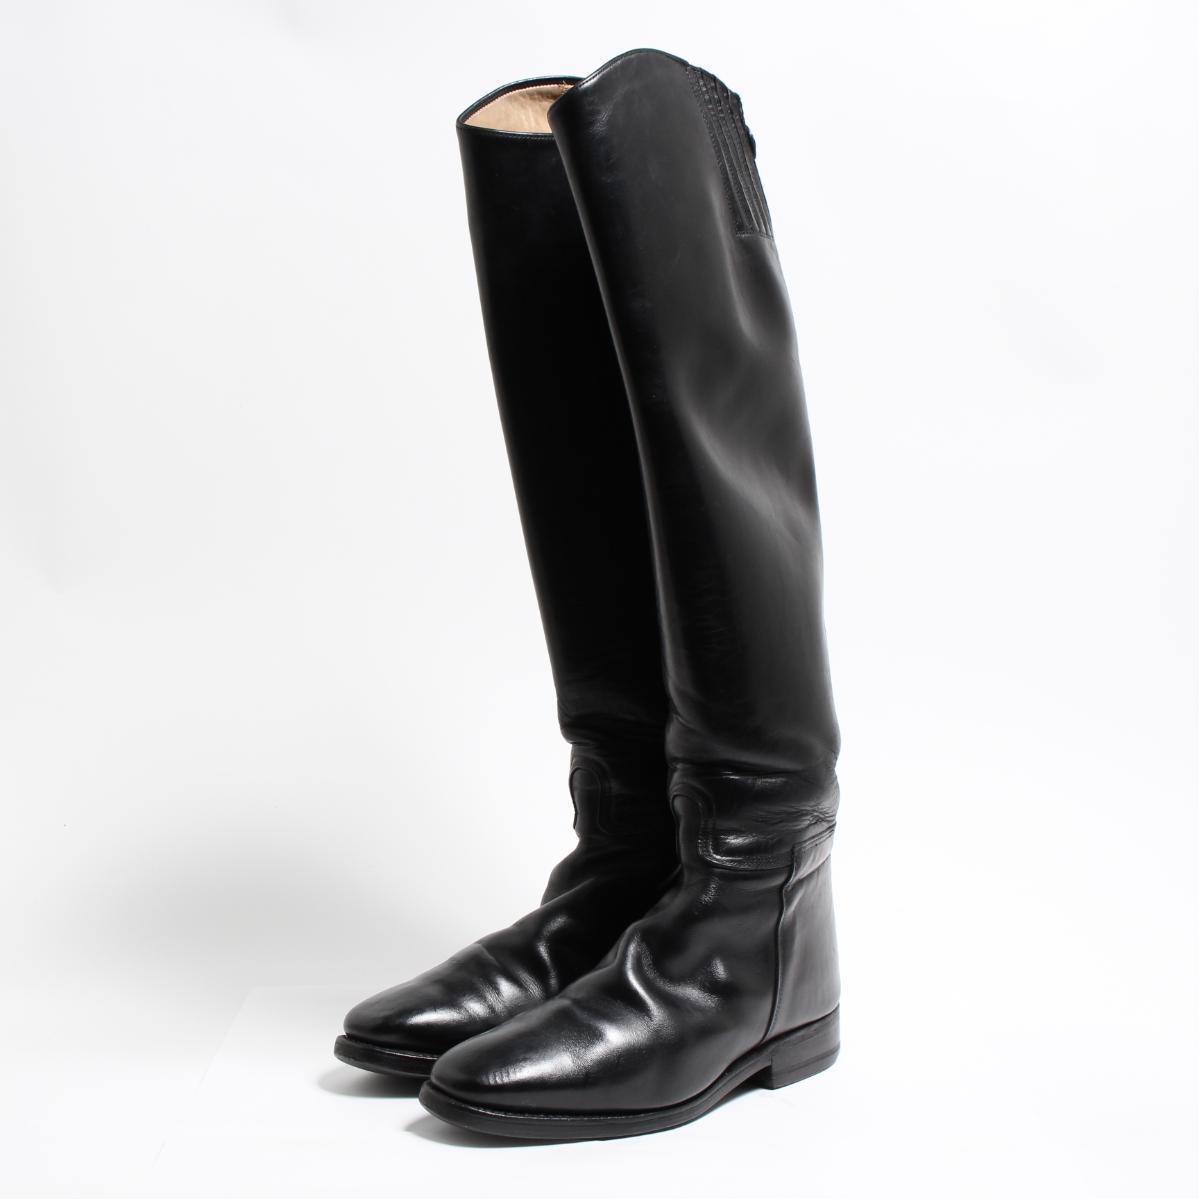 カバロ Cavallo ジョッキー乗馬ブーツ 5.5 レディース23.5cm /bon6107 【中古】 【180915】